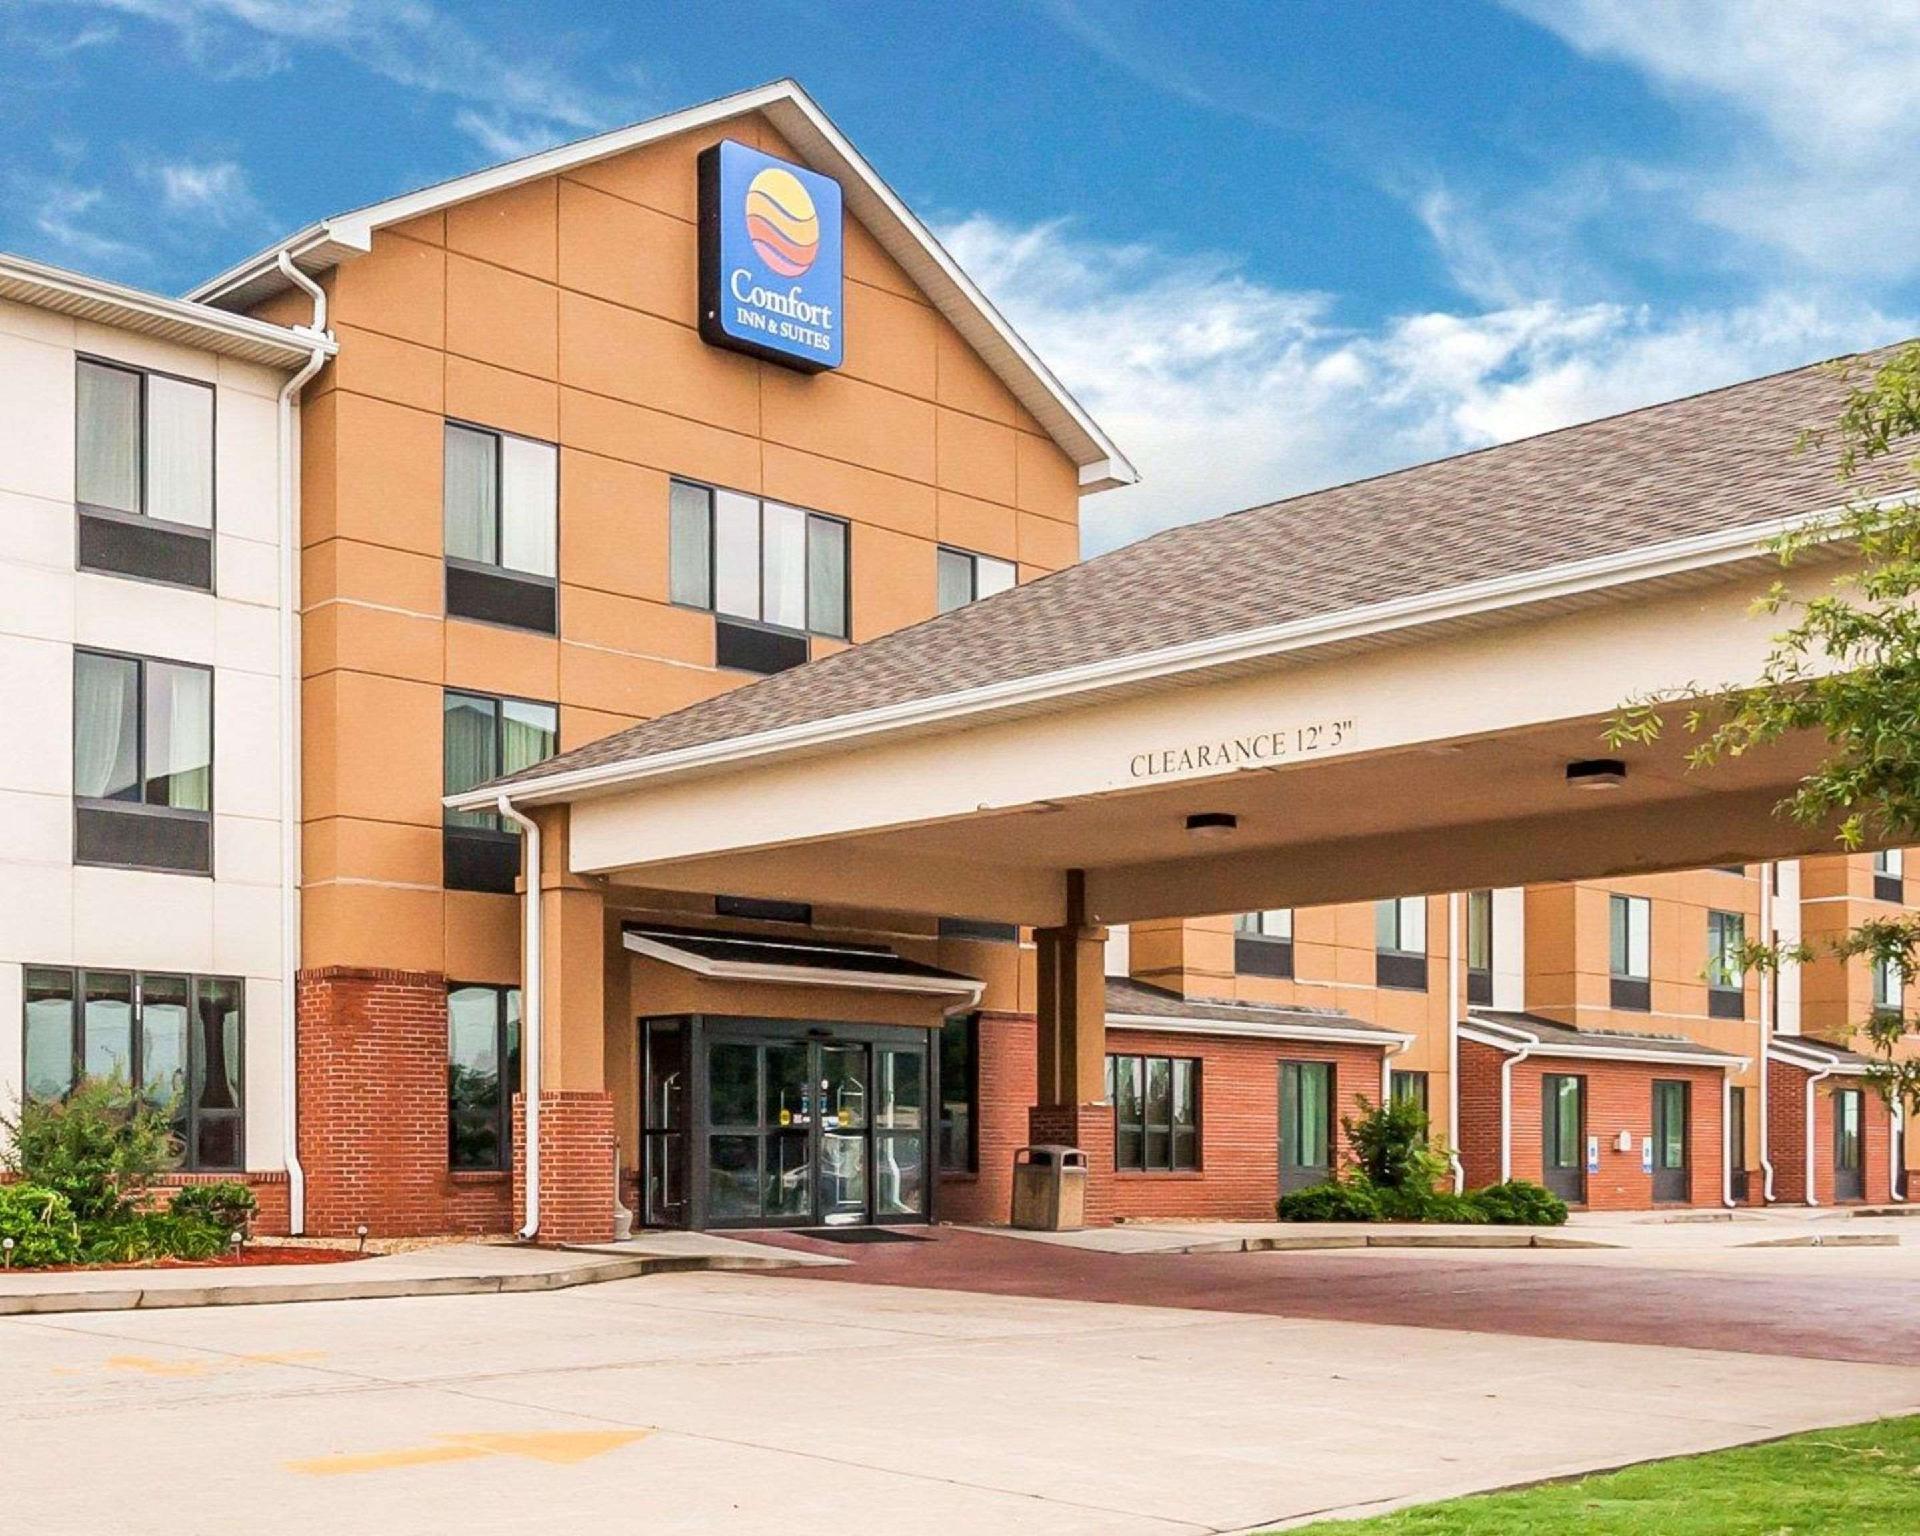 Comfort Inn And Suites Sikeston I 55